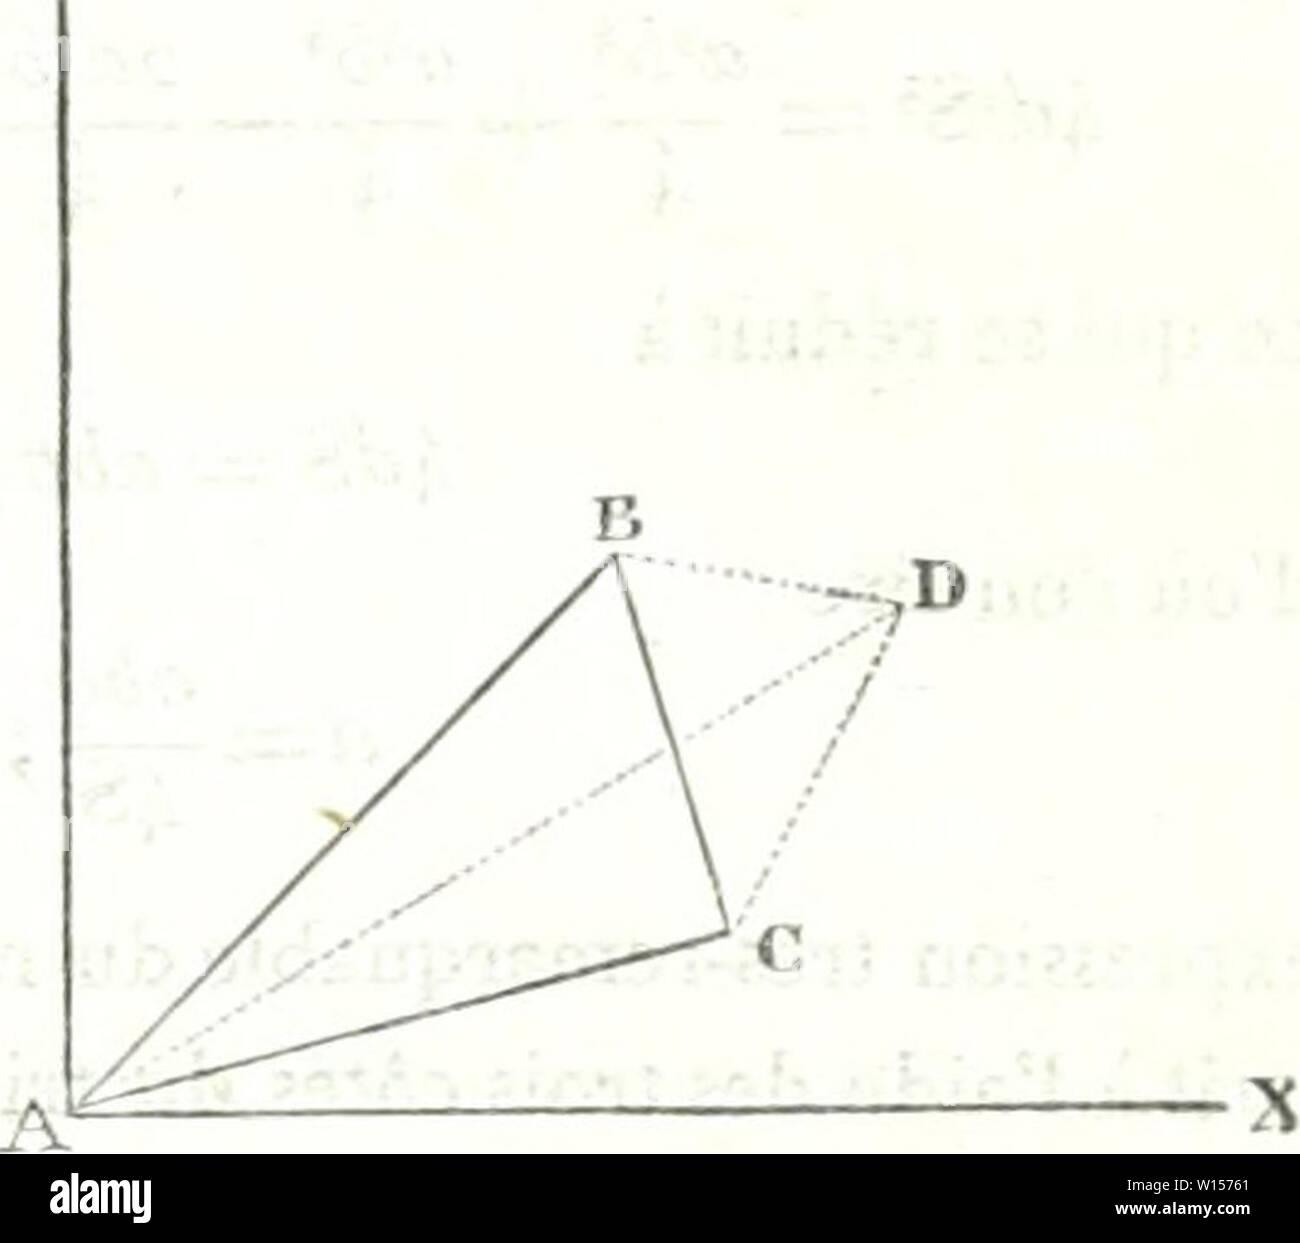 Archive image from page 120 of Dictionnaire des sciences mathématiques pures. Dictionnaire des sciences mathÃmatiques pures et appliquÃes . dictionnairedess01mont Year: 1838  ÃP (fn triangle, on aura dÃfinitivement AP -iOT COSBAC: 2a6 Â«'galilà qui donne la valeur d'un angle au moyen des ti( Â« côtÃs du triangle, 'i On obtiendrait de la même manière, pom- les deux auUes angles, a'c' â b' .... : cos ABC = COS BC A =: 2ac 6 + C â a' â ibc Pour trouver la surface du triangle, il faut abaisser (lu sommet A une perpendiculaire AD sur le côtà BC eu c, dont l'Ãquation est ' ou fl2) yân= , [xâm], Stock Photo